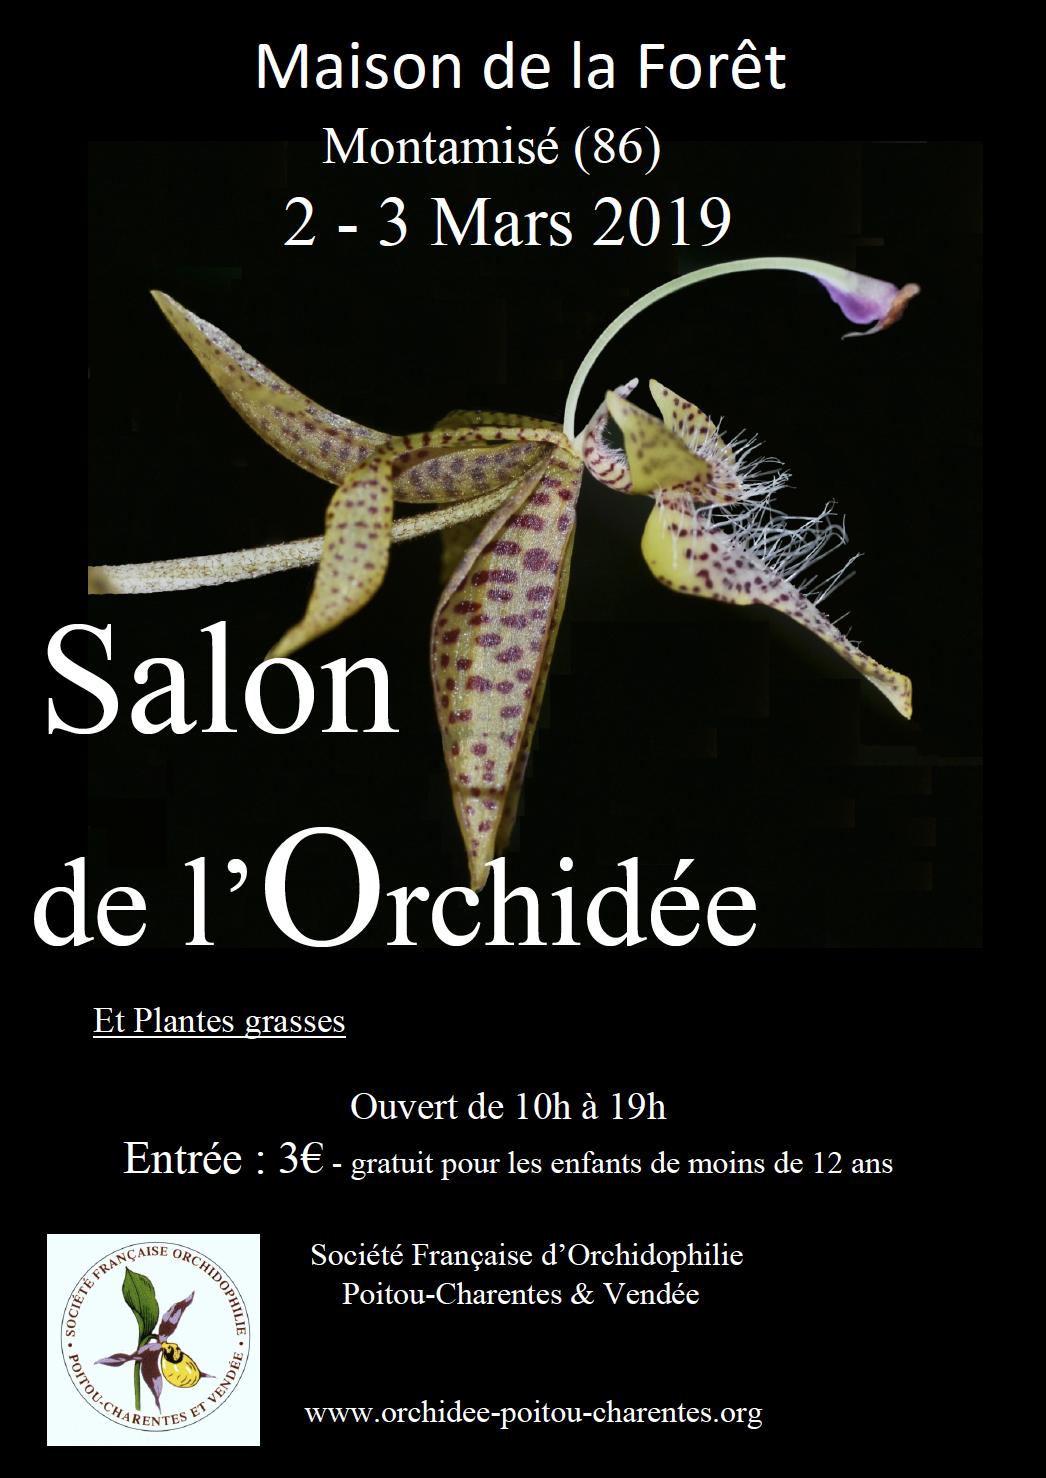 Exposition Orchidées Montamizé 2019